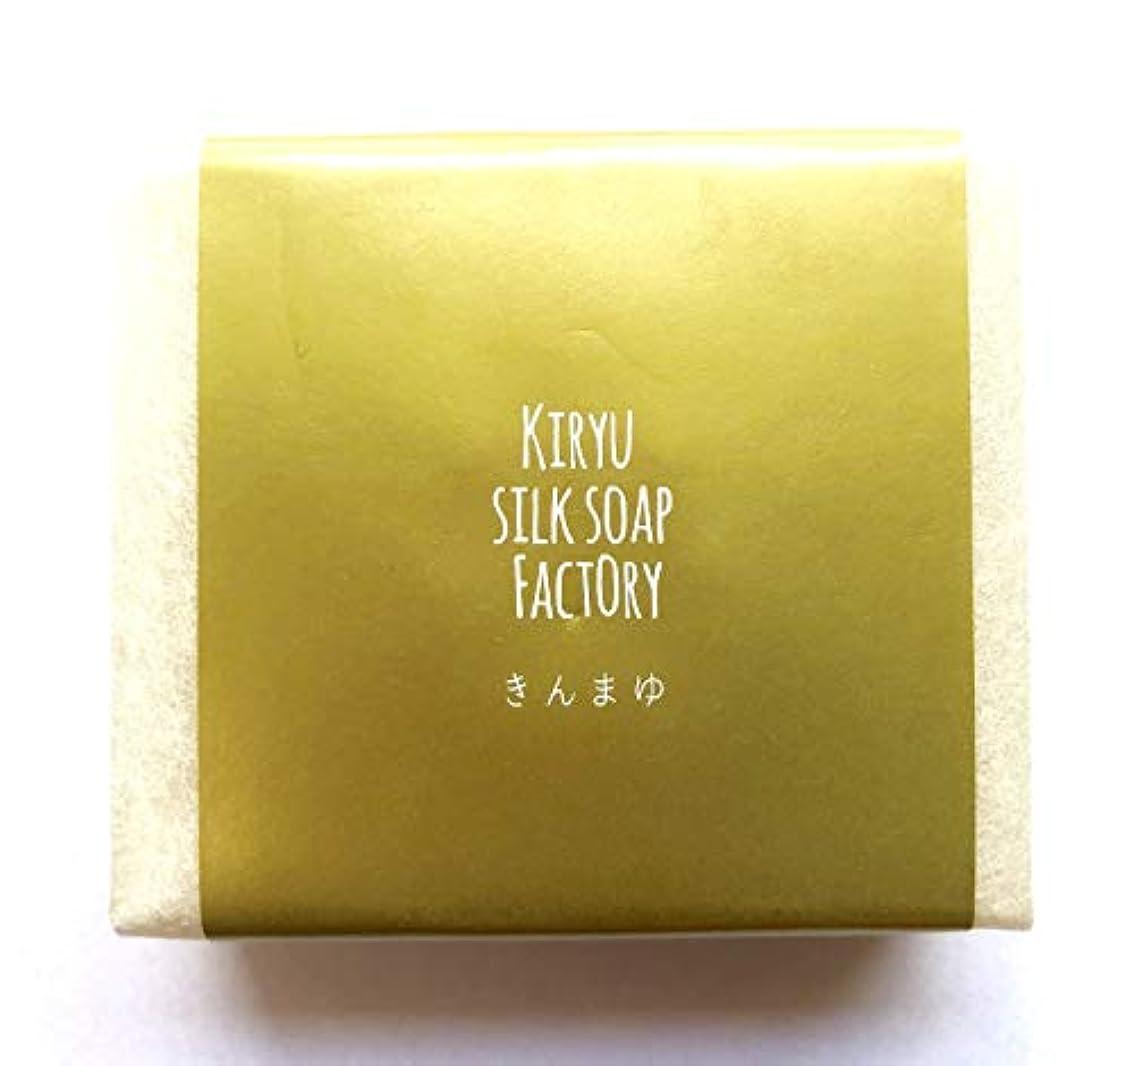 ポインタばかげている凝視桐生絹せっけん工房 なま絹手練り石けん (無添加 コールドプロセス製法) (きんまゆ, 90g)